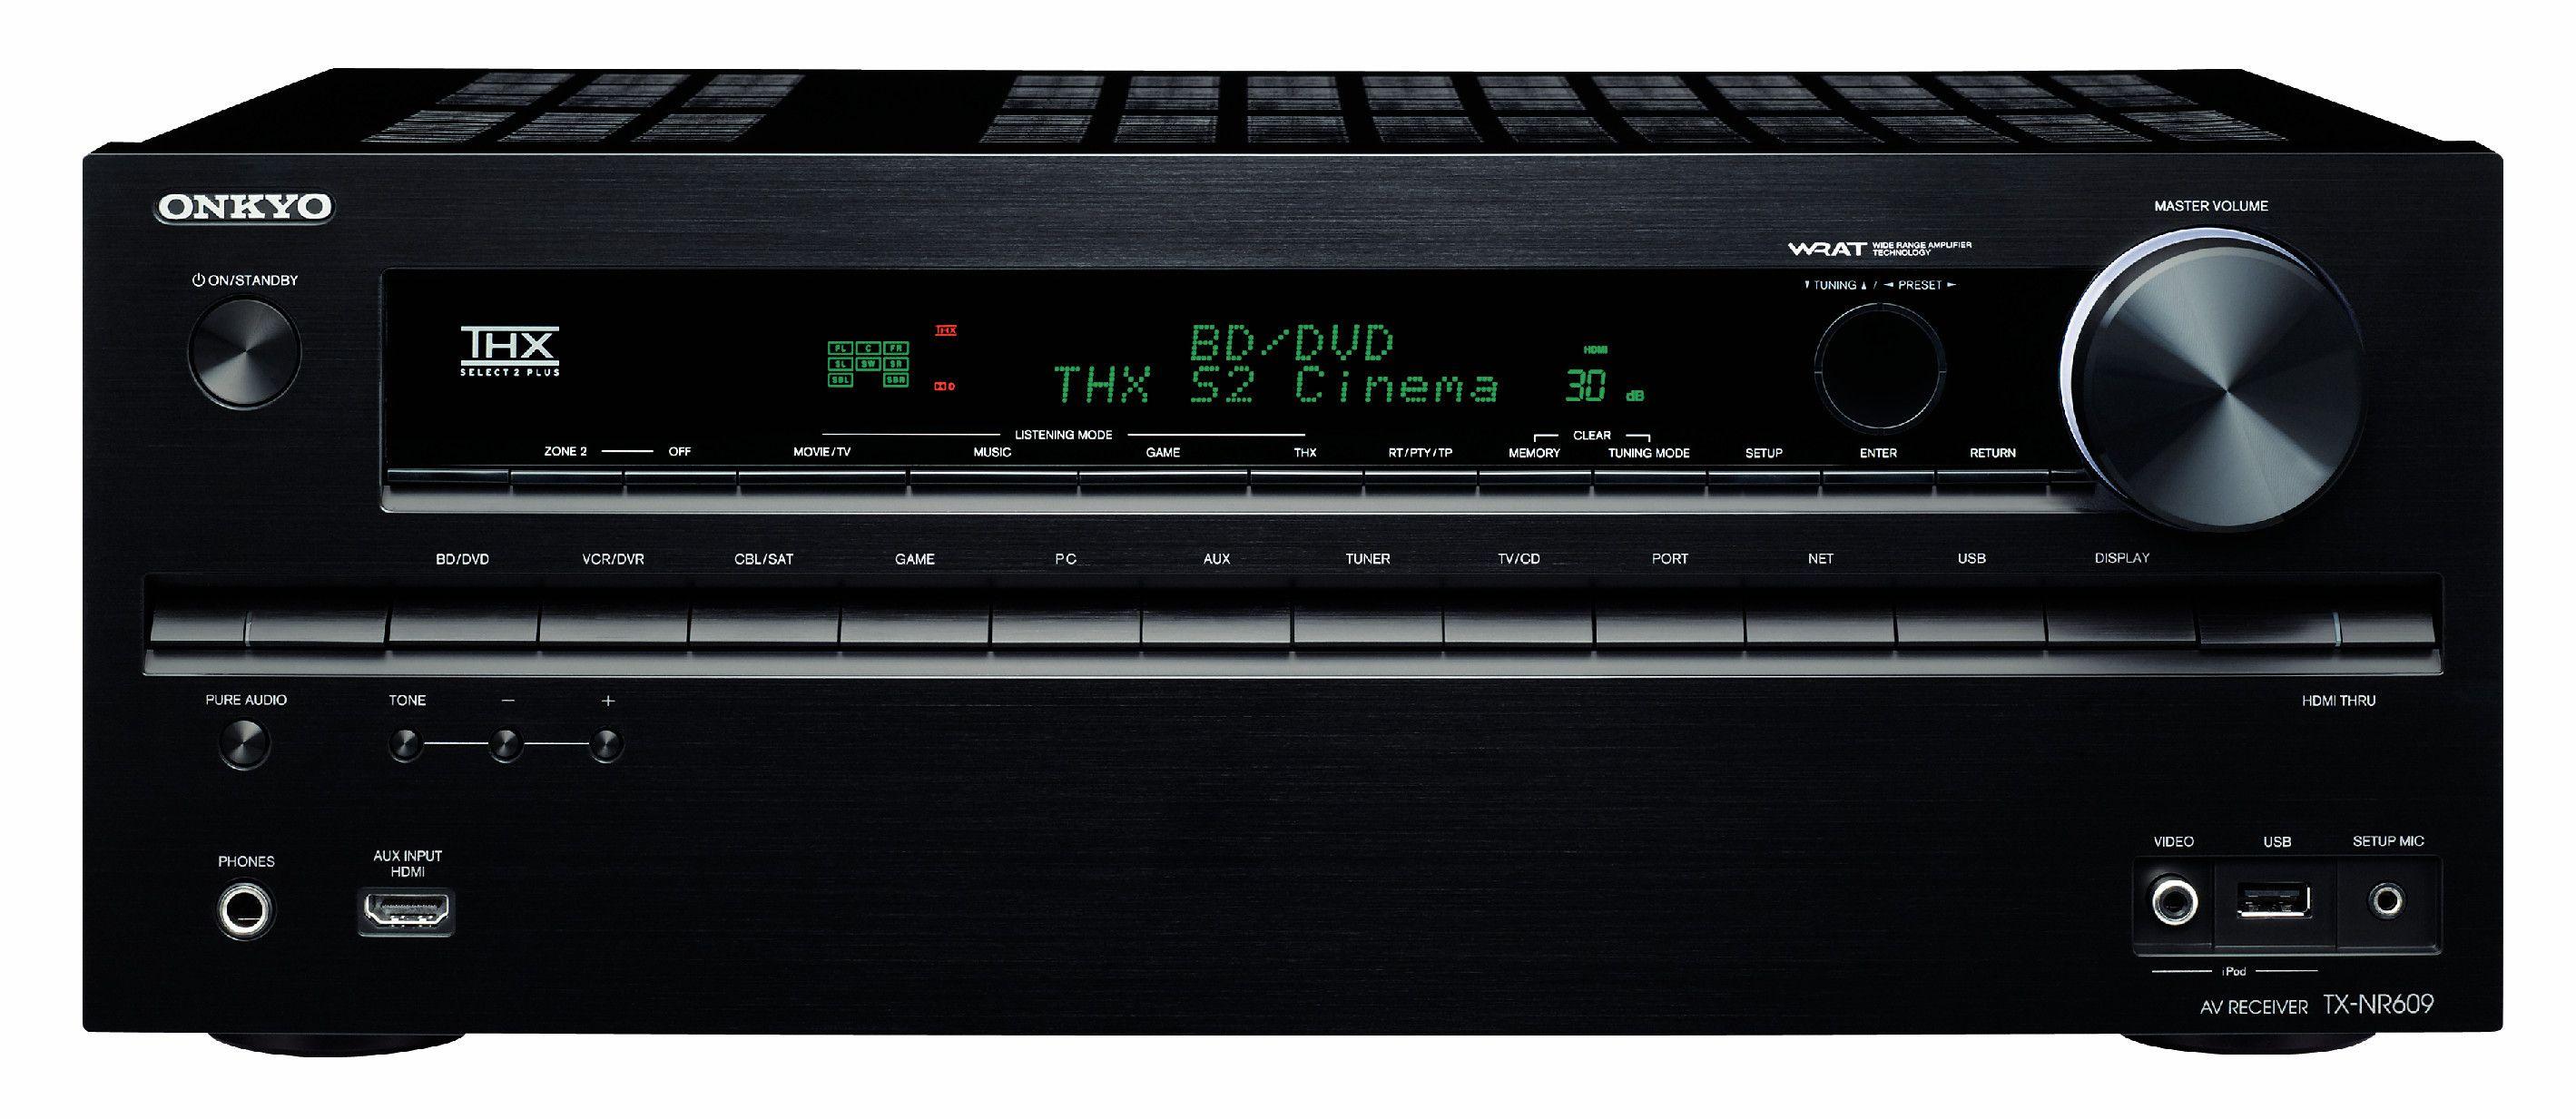 Onkyo lanserer sine første receivere i 2011